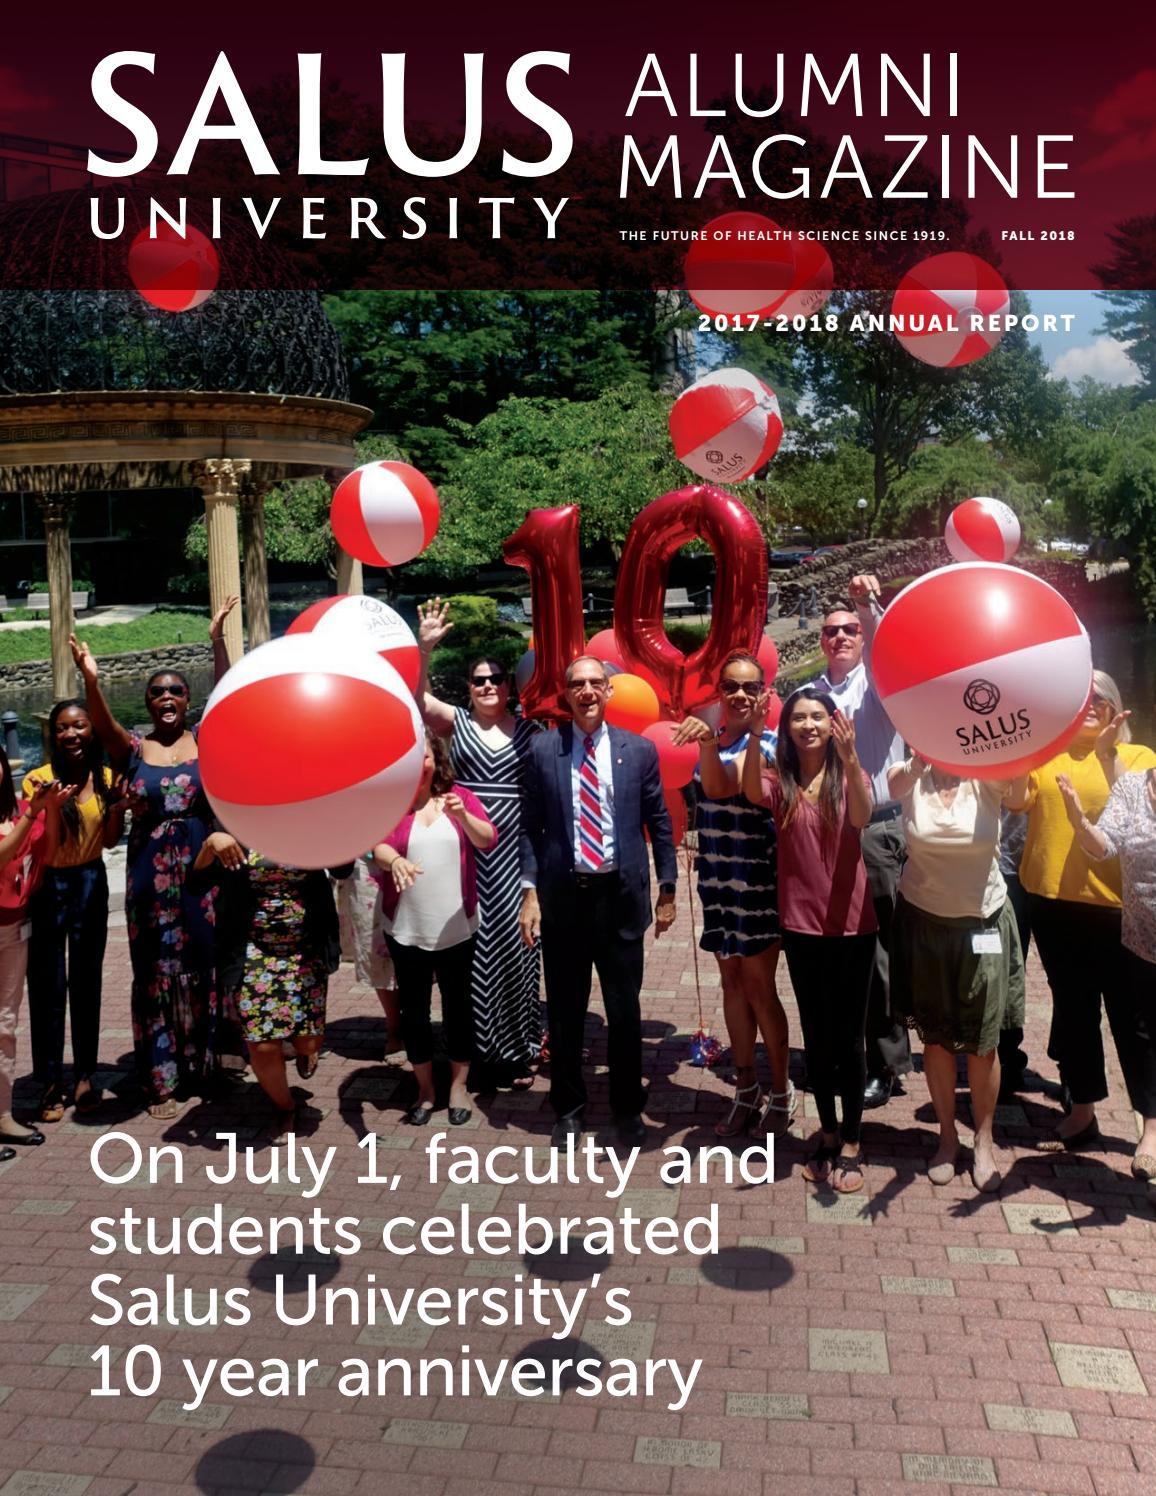 Salus University Alumni Magazine Fall 2018 by Salus University - issuu